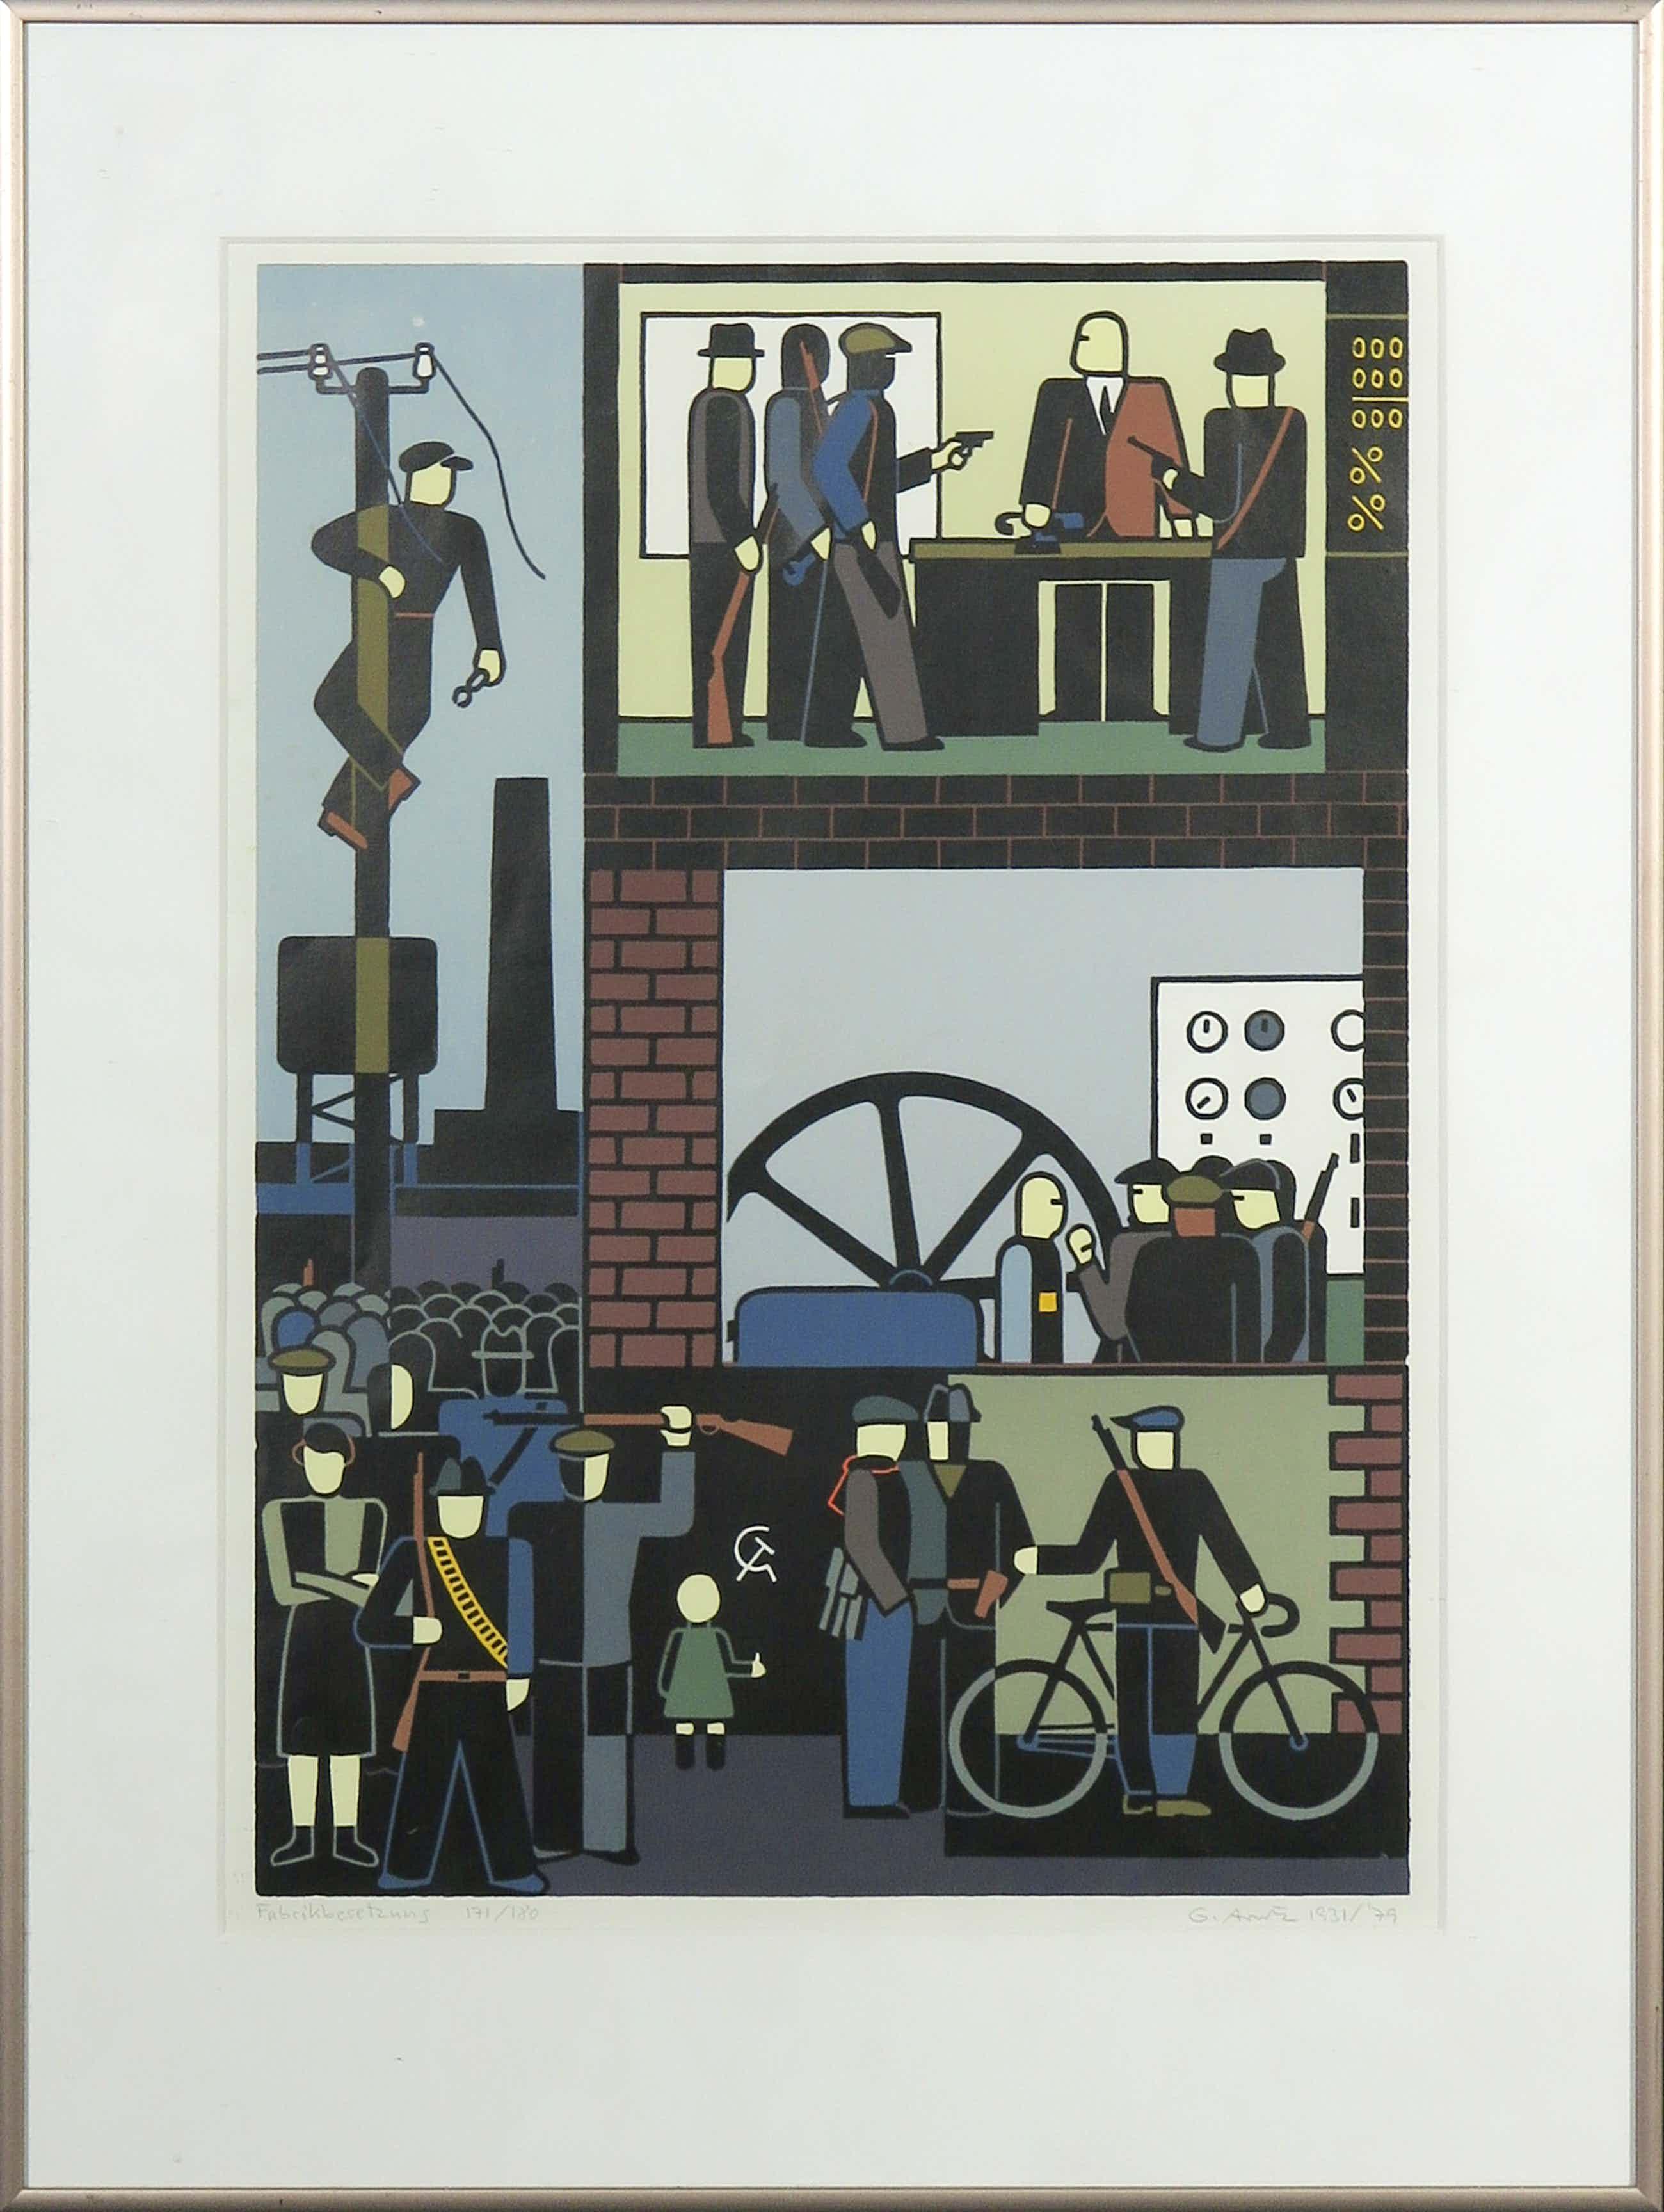 Gerd Arntz - Zeefdruk (1931/'79), Fabriksbesetzung - Ingelijst kopen? Bied vanaf 160!